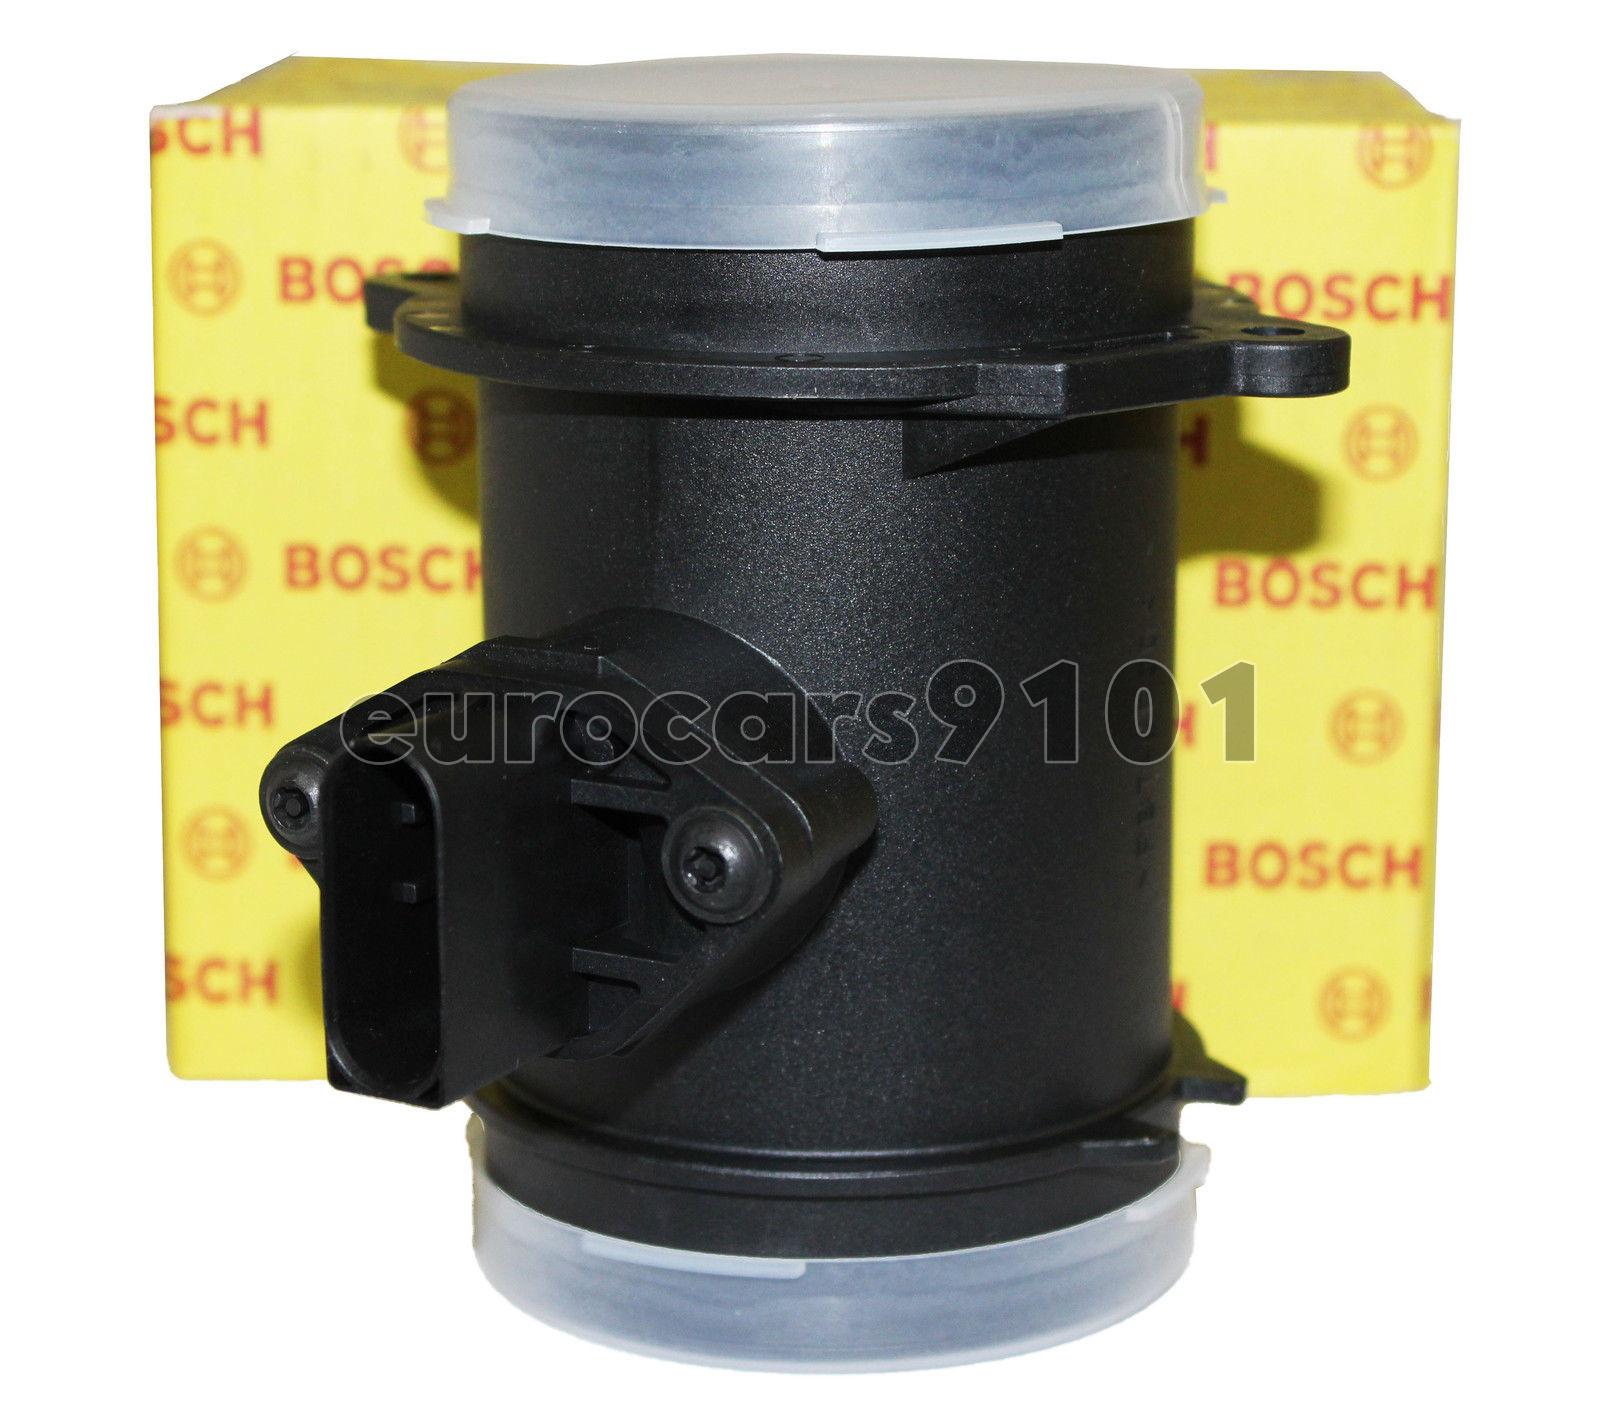 Mercedes-Benz C280 Bosch Mass Air Flow Sensor 0280217517 0000941848 New